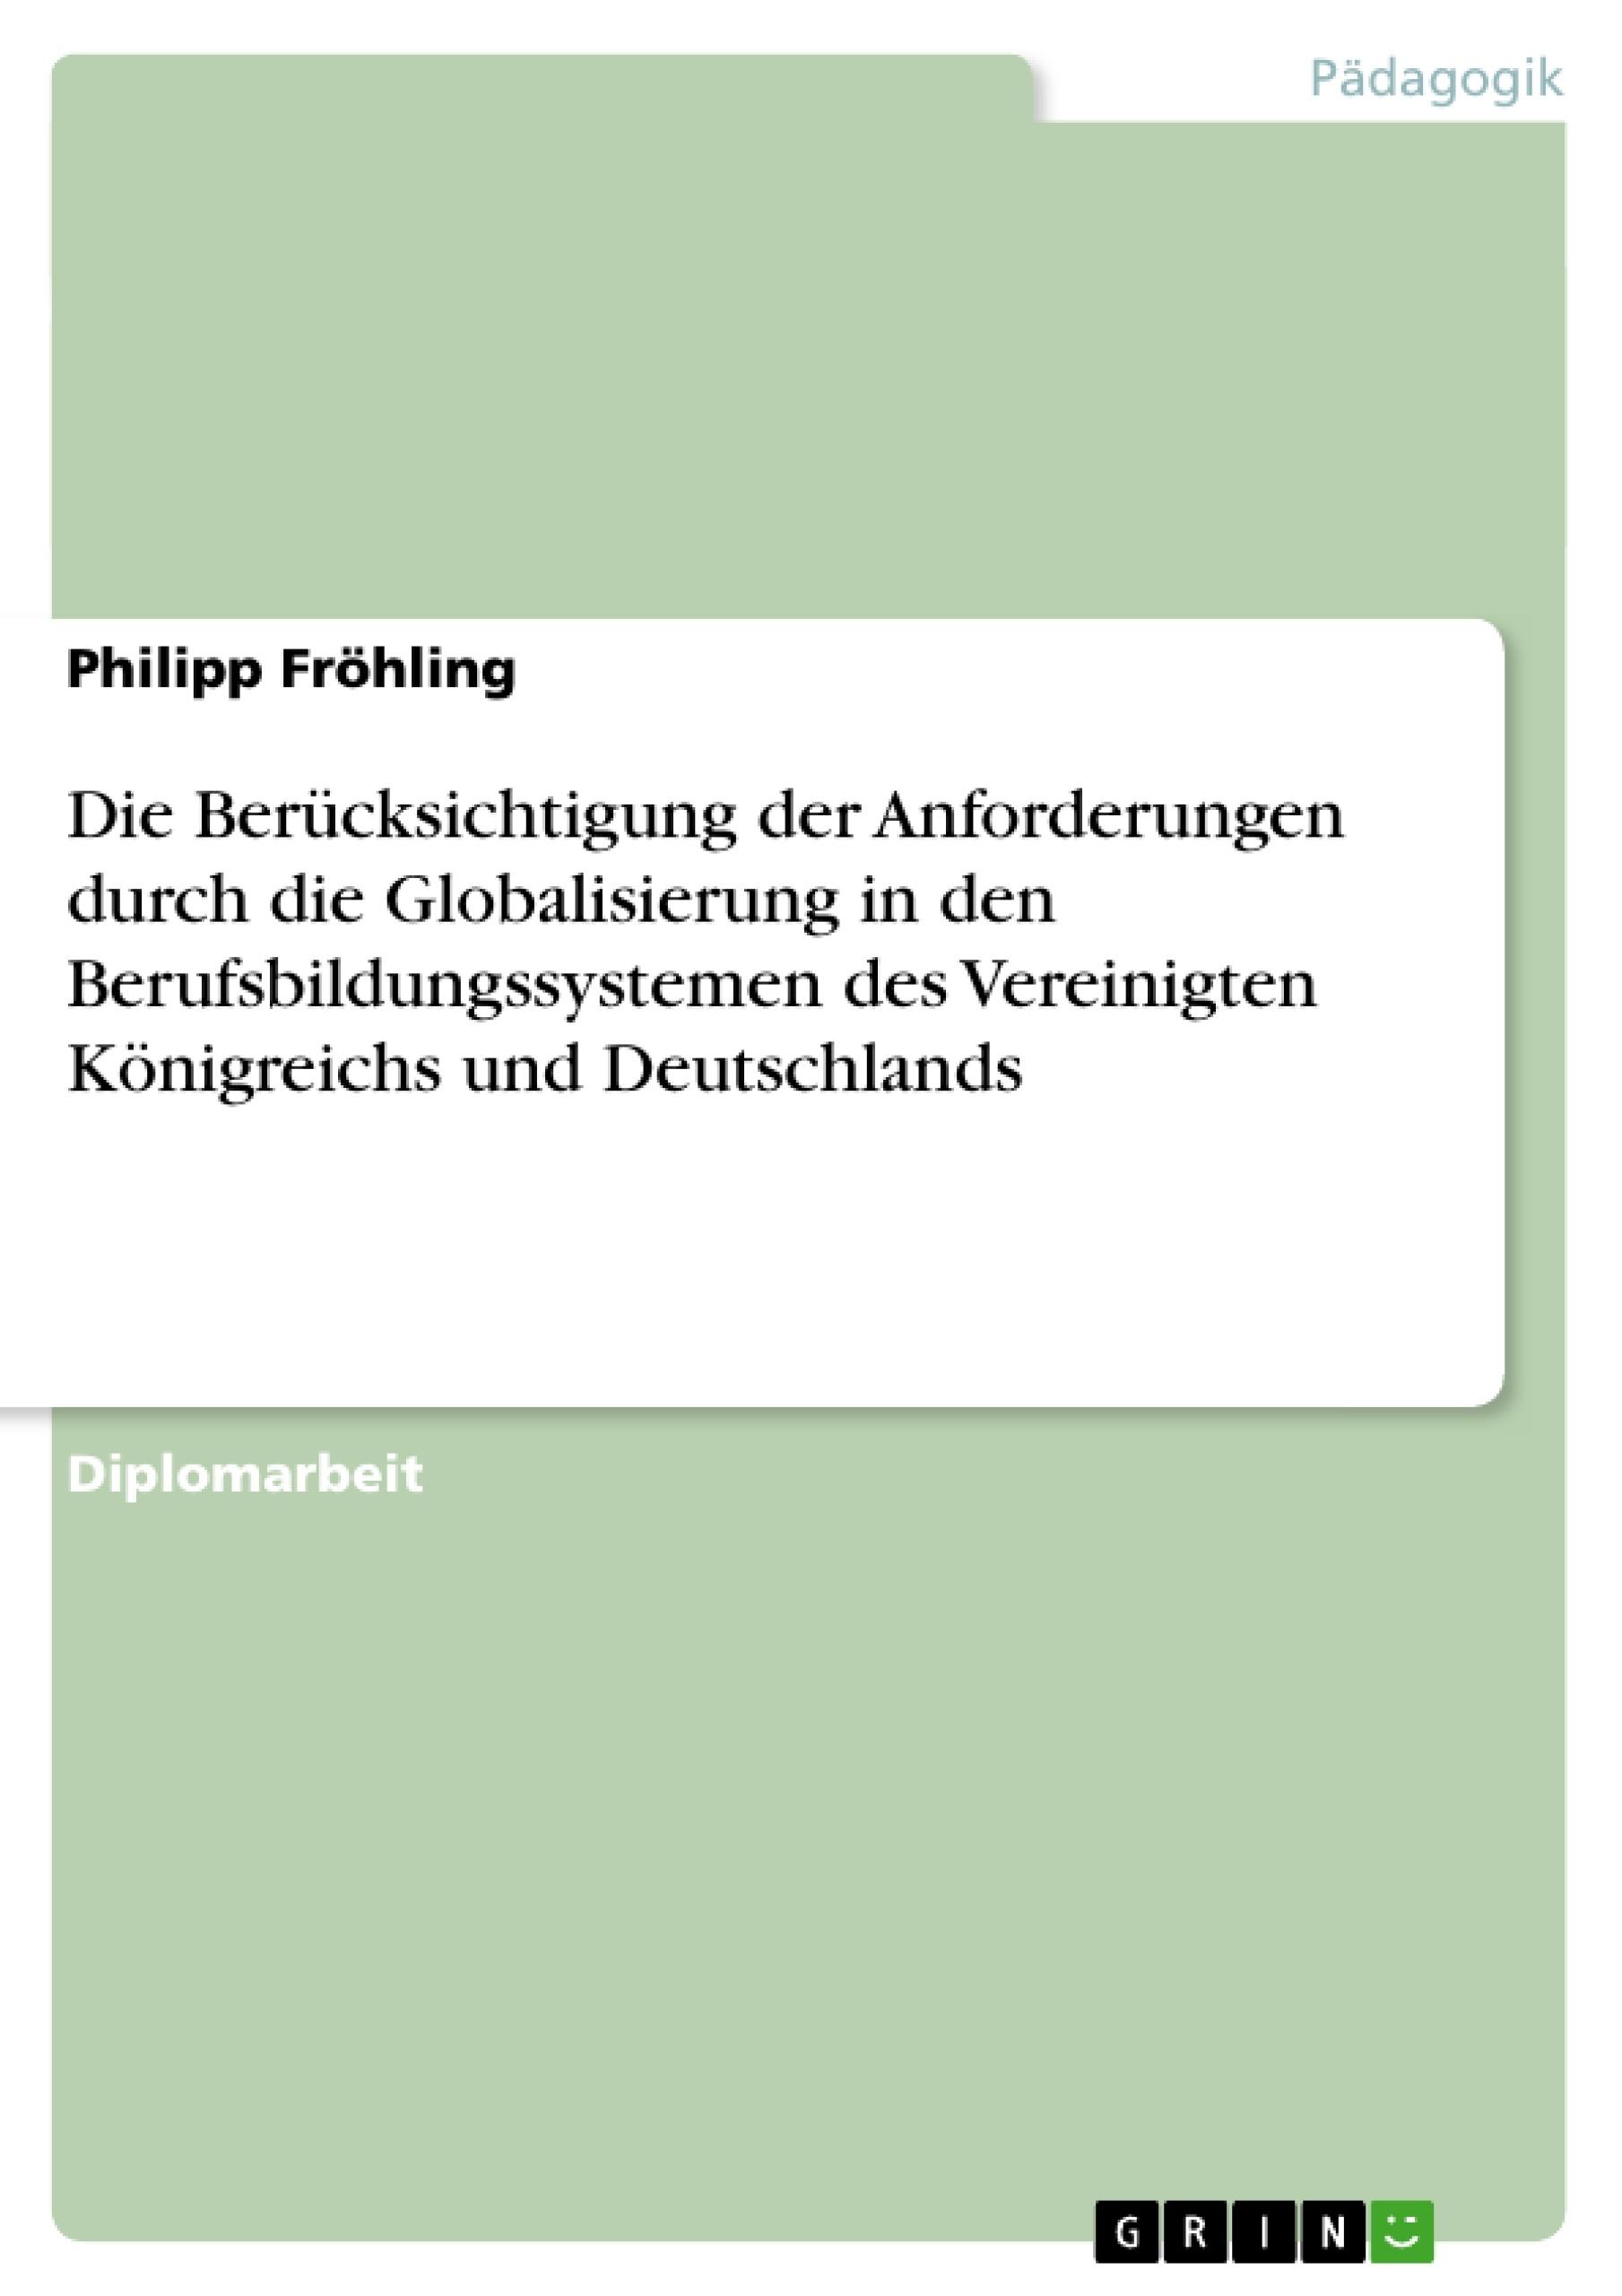 Titel: Die Berücksichtigung der Anforderungen durch die Globalisierung in den Berufsbildungssystemen des Vereinigten Königreichs und Deutschlands